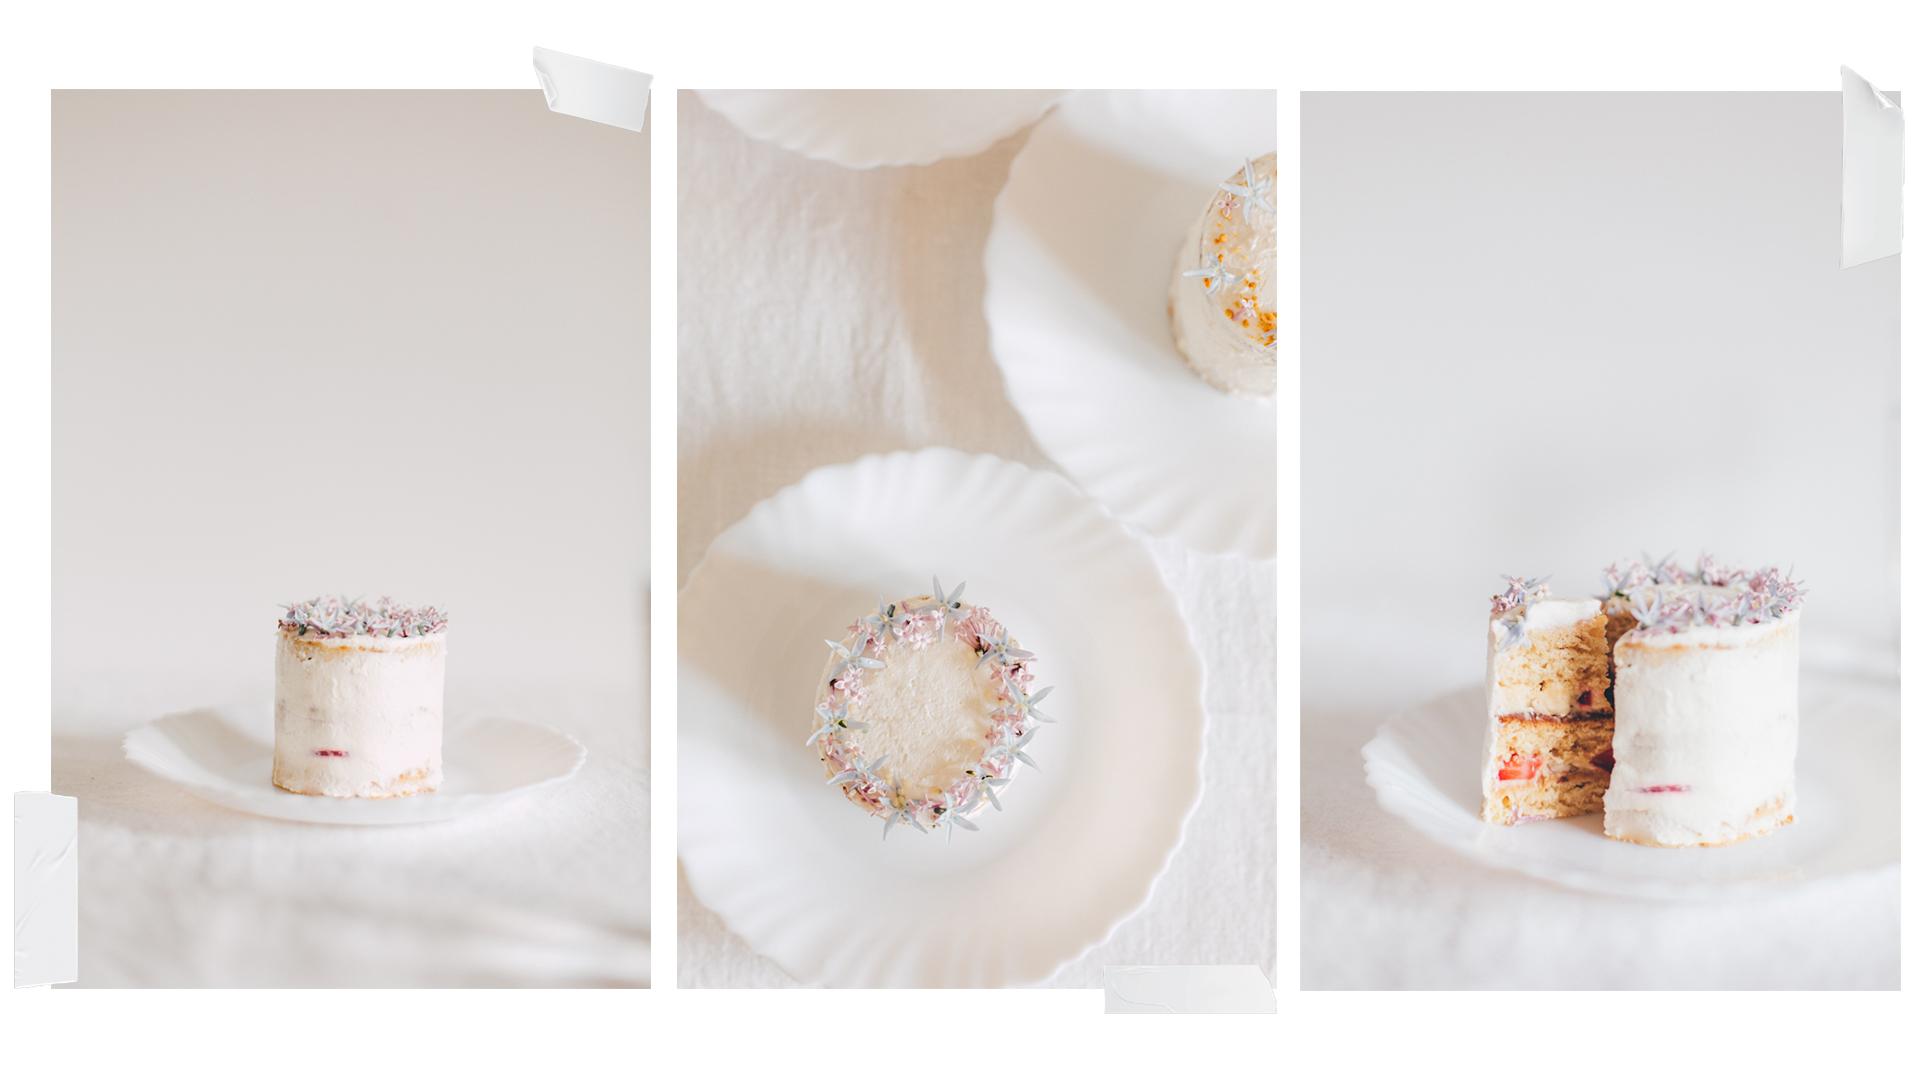 mini layer cake fleurs comestibles Mllecoton marine Le Berre